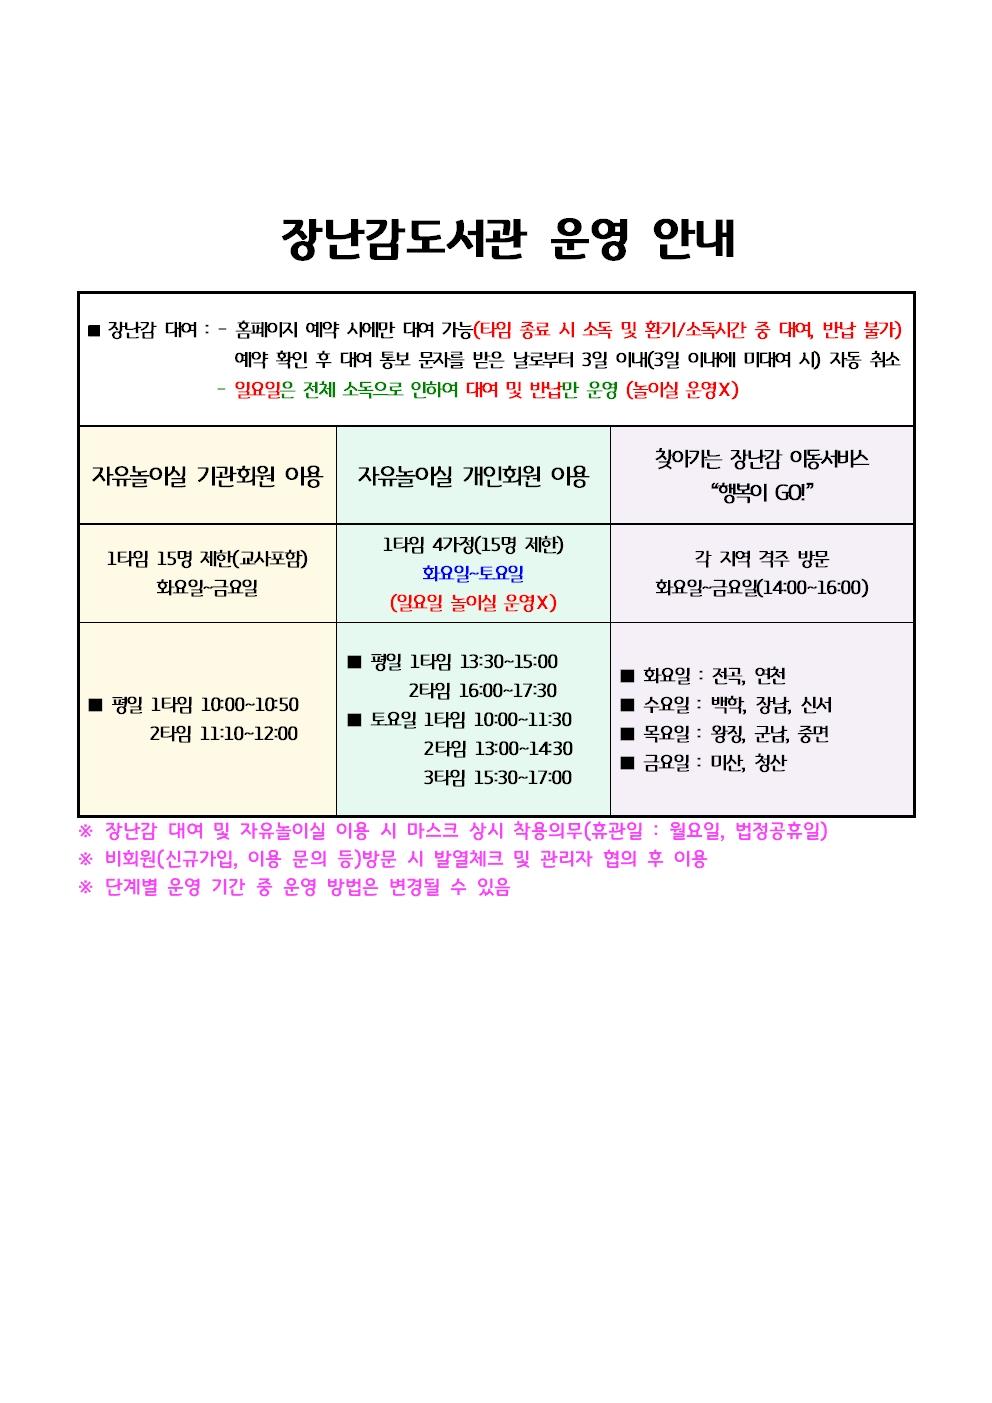 55ec298b798dd419708c23818ed95def_1623289586_0883.jpg